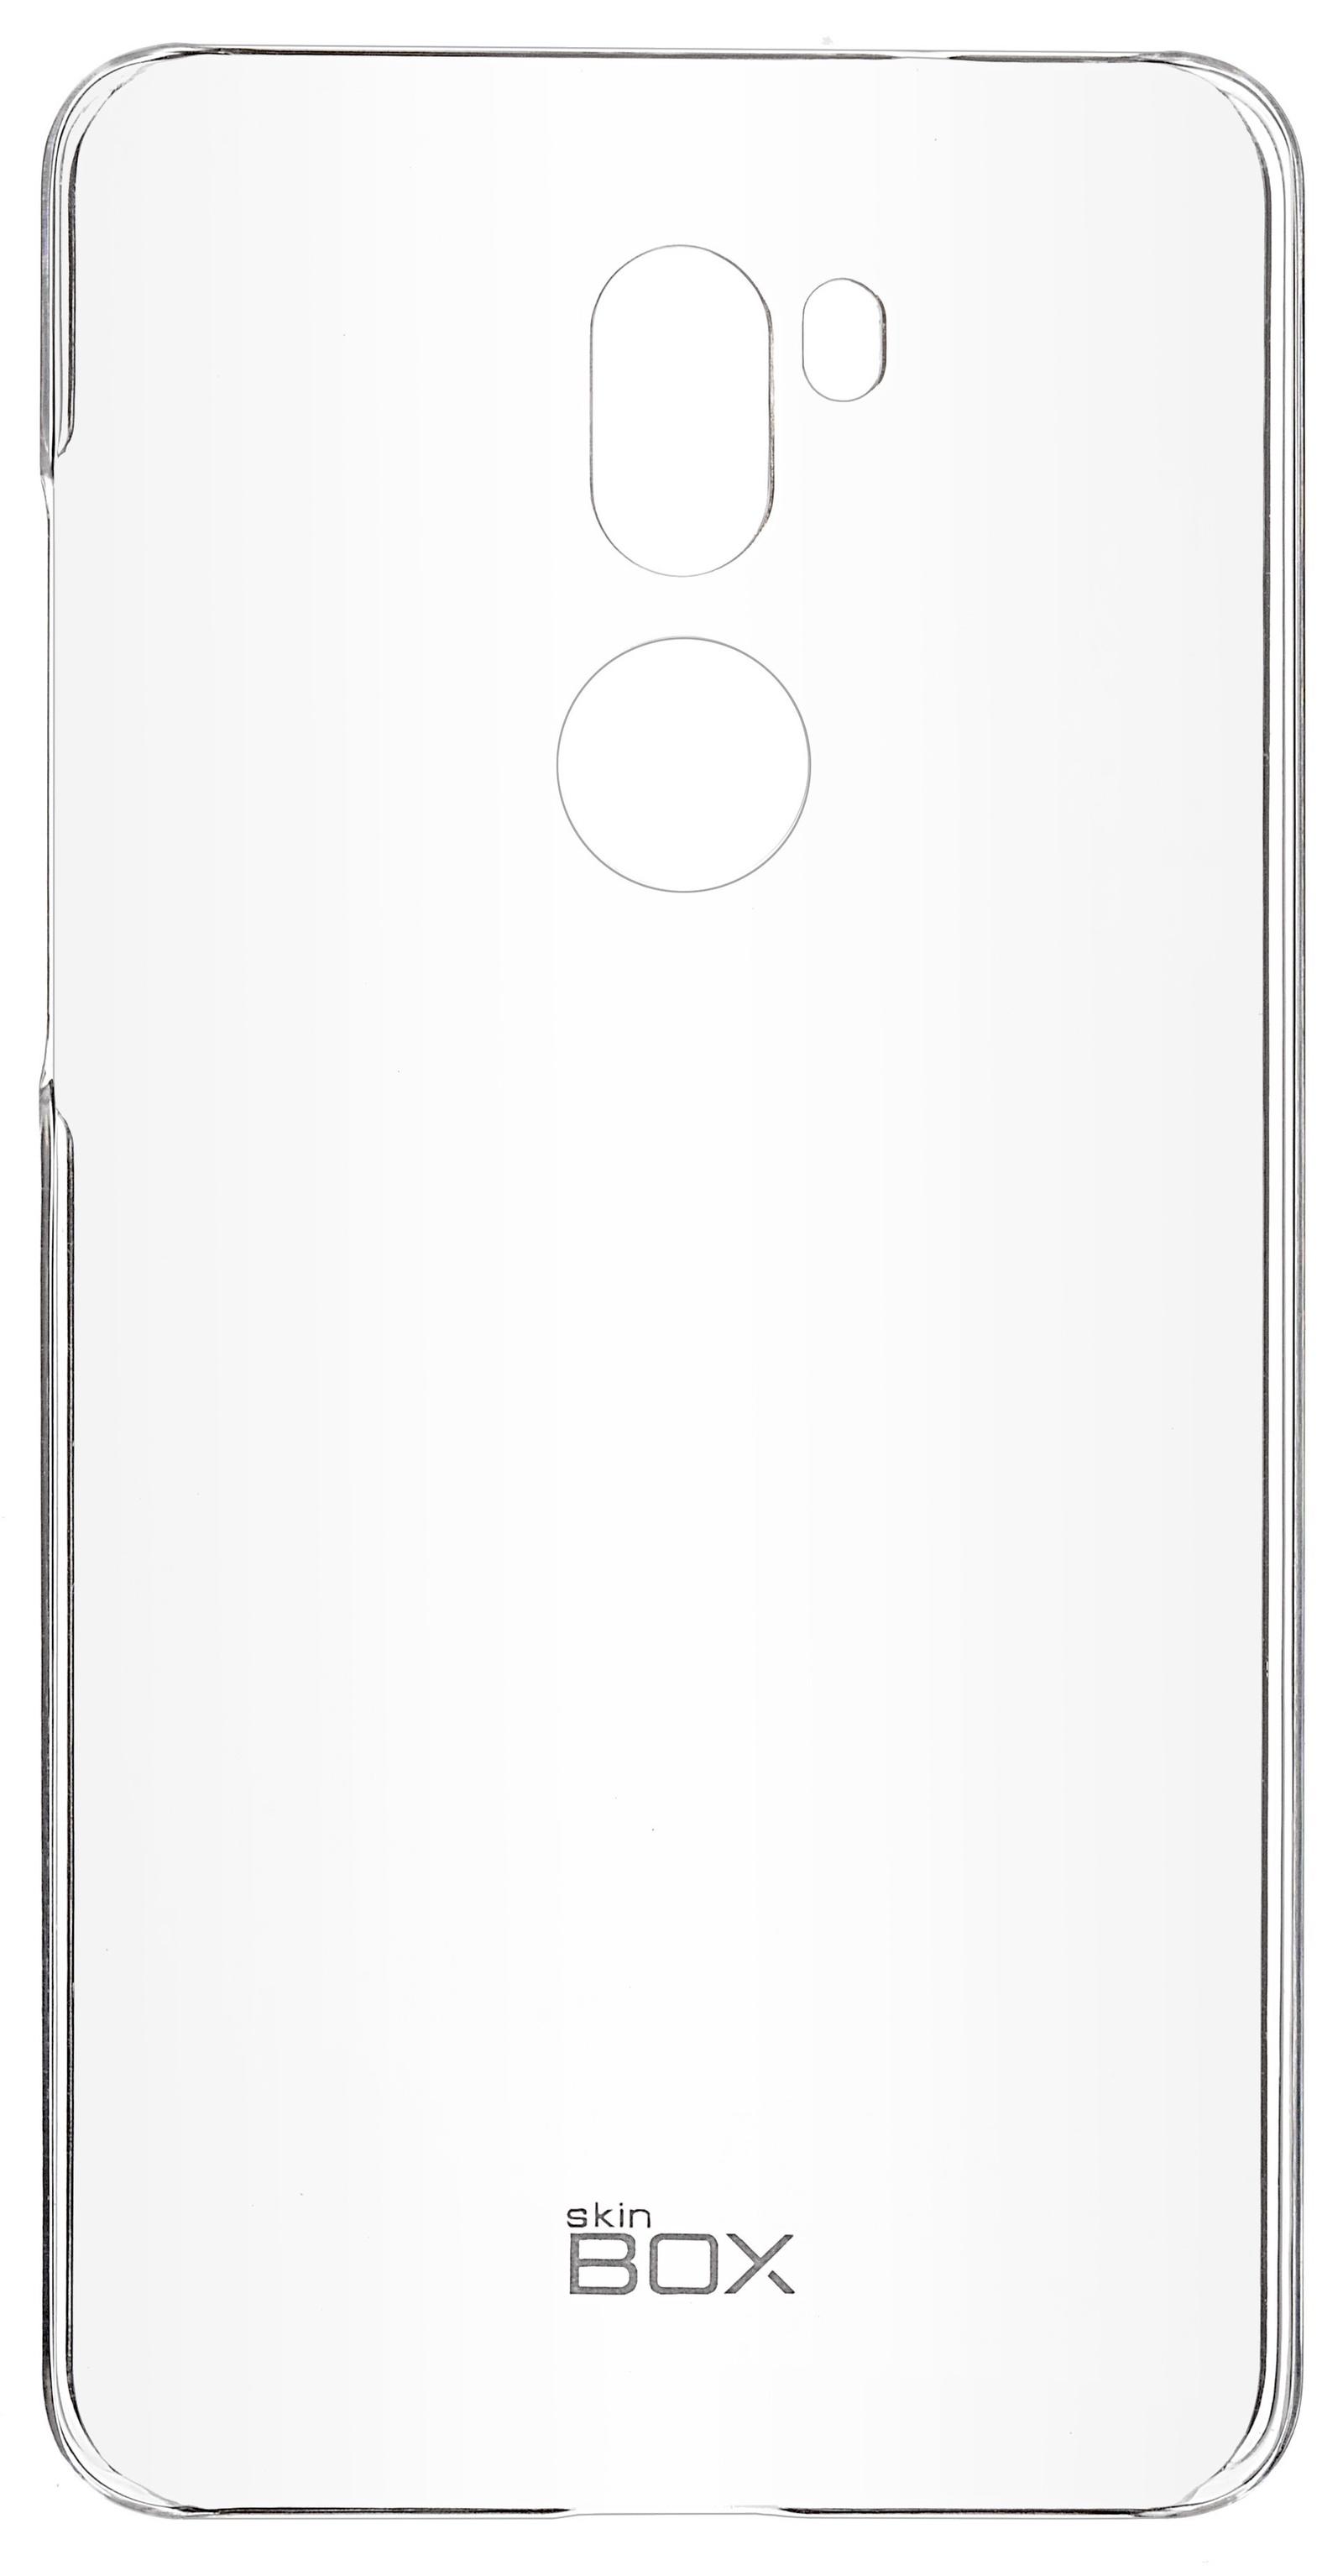 Чехол для сотового телефона skinBOX Crystal, 4630042524620, прозрачный чехол для сотового телефона skinbox crystal 4630042524613 прозрачный